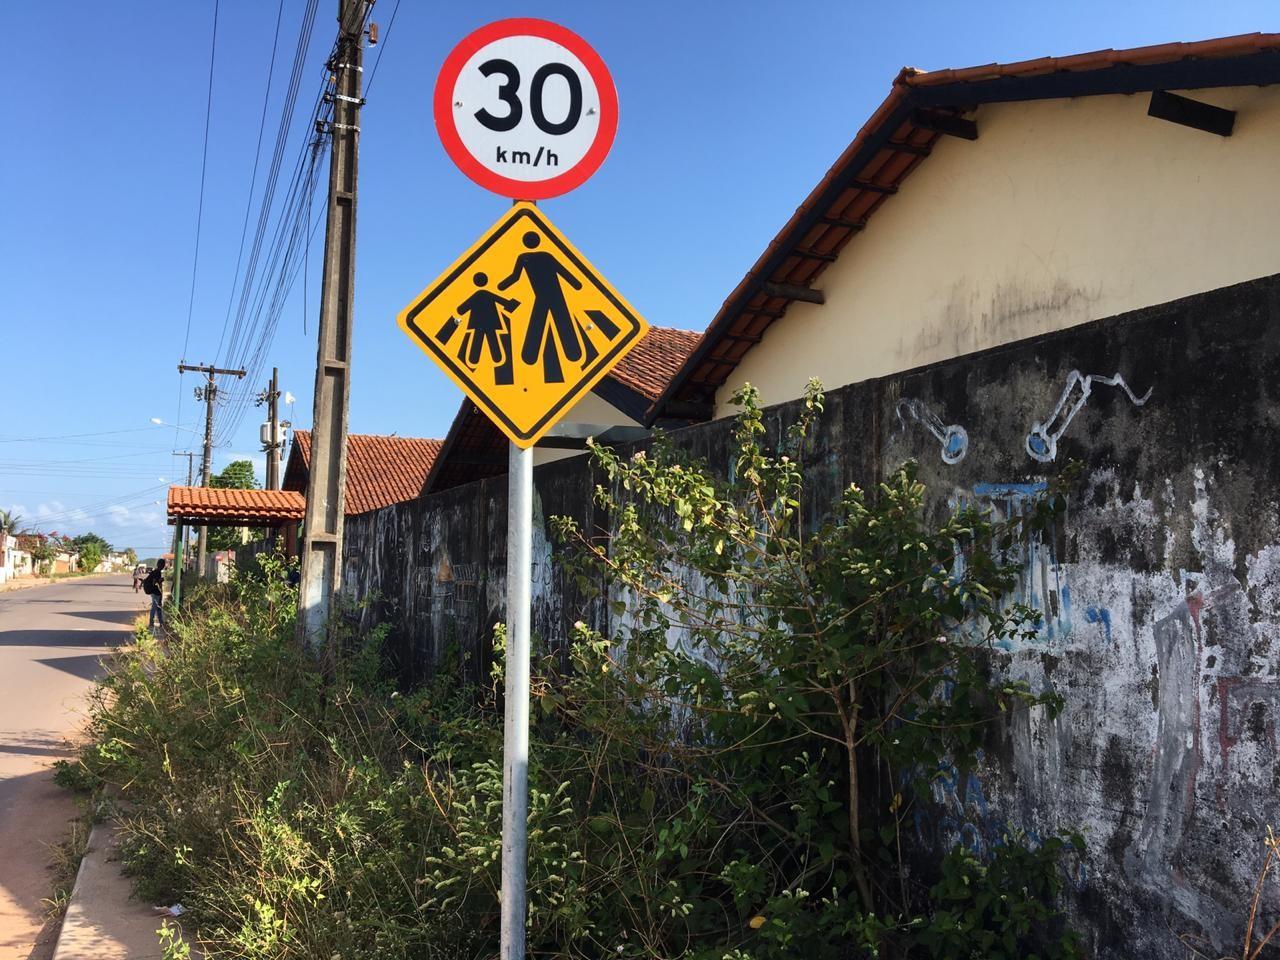 Mato alto no entorno de escola pública prejudica tráfego e causa insegurança em Macapá - Notícias - Plantão Diário